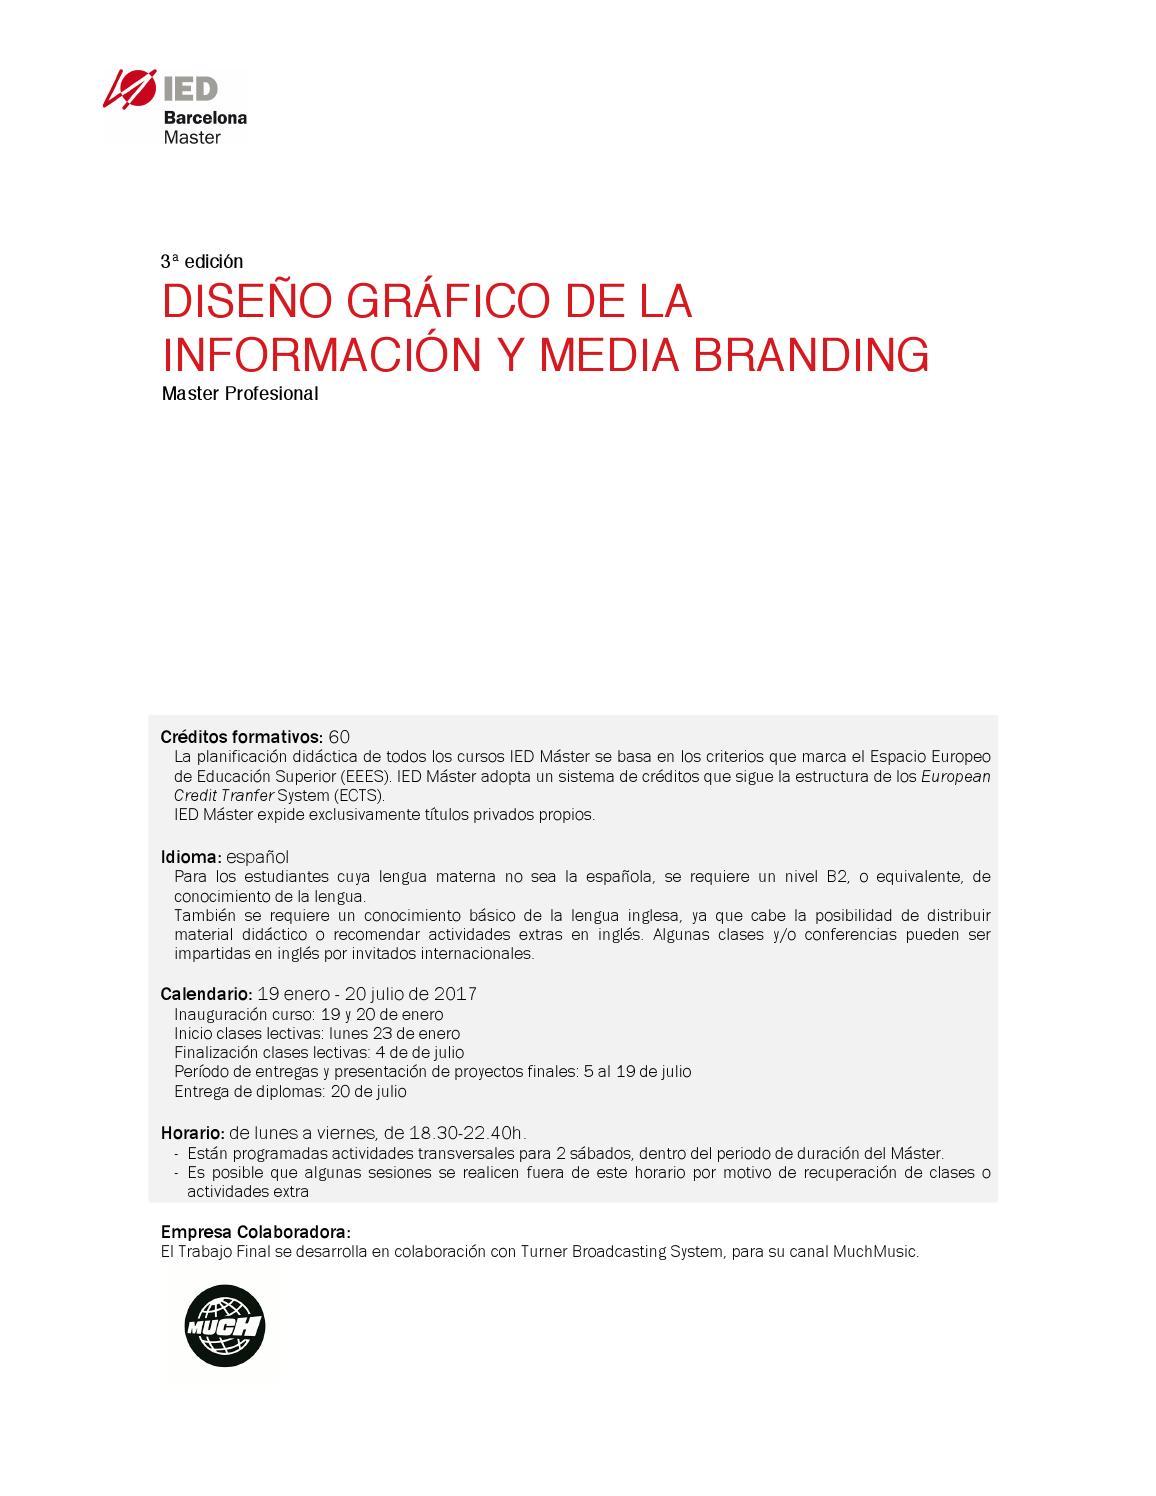 Master En Diseño Gráfico De La Información Y Media Branding